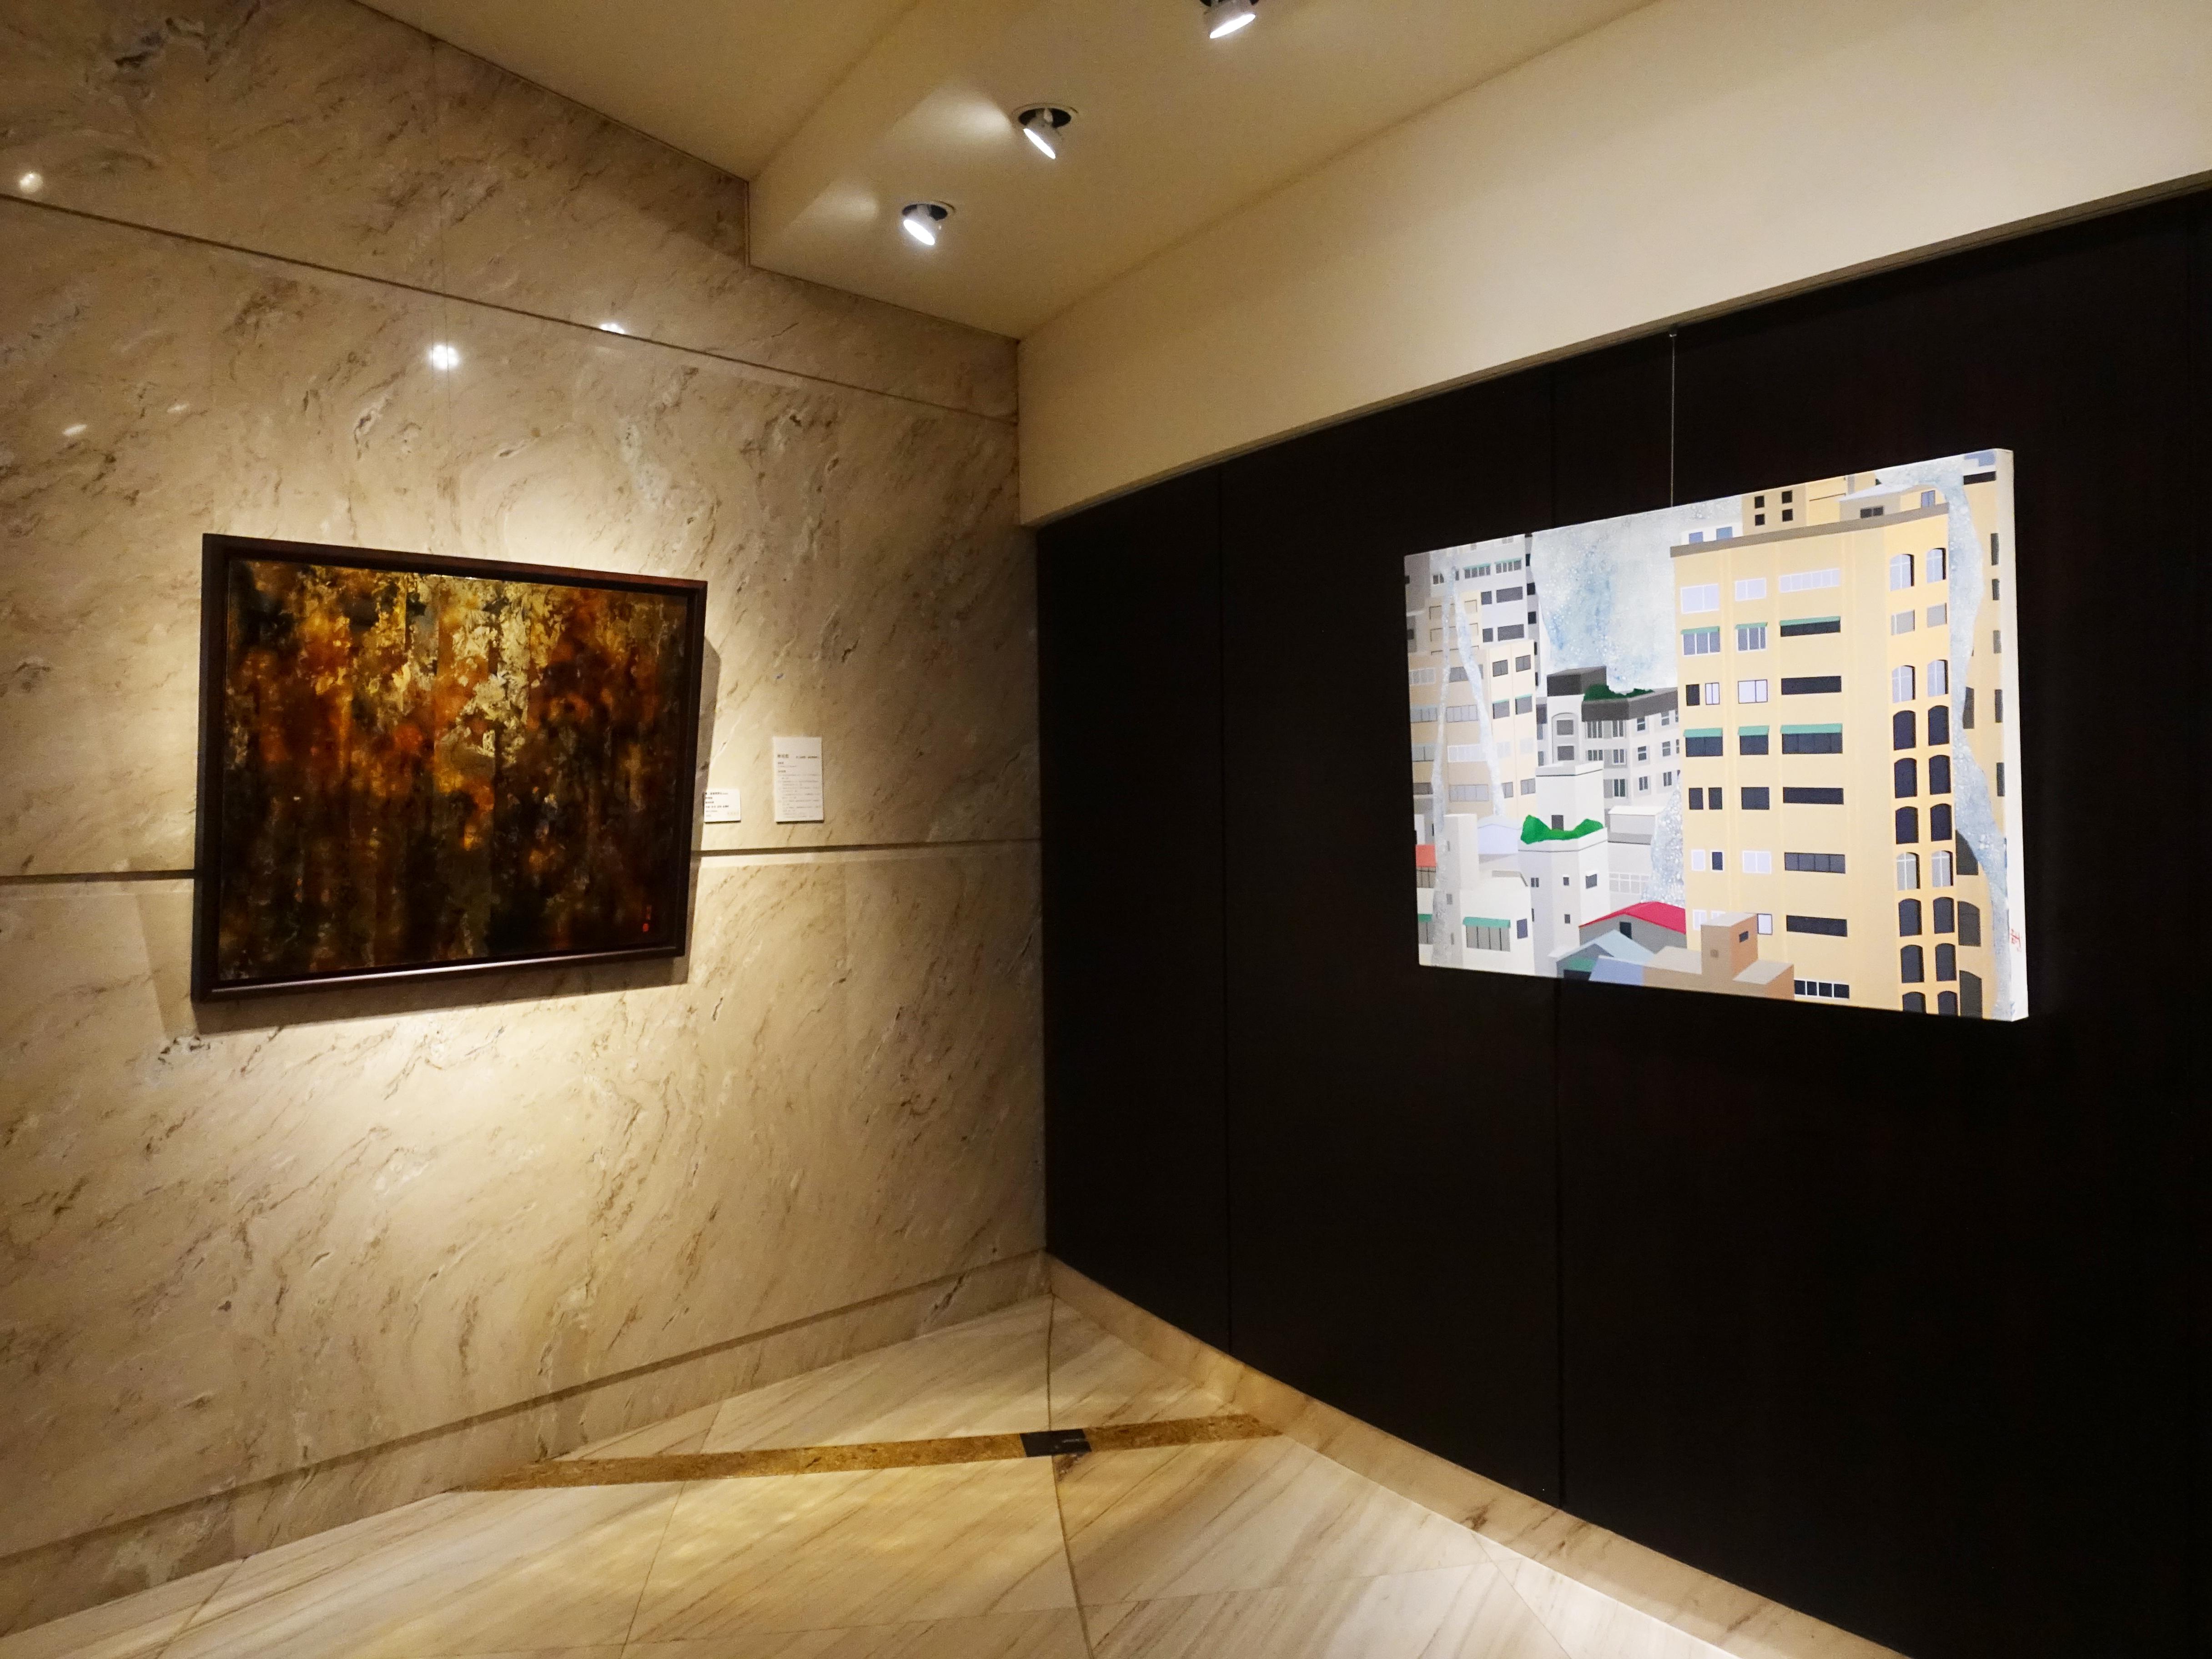 王道銀行基金會展出【構圖‧臺灣】視覺藝術創作徵件前兩屆得獎者。